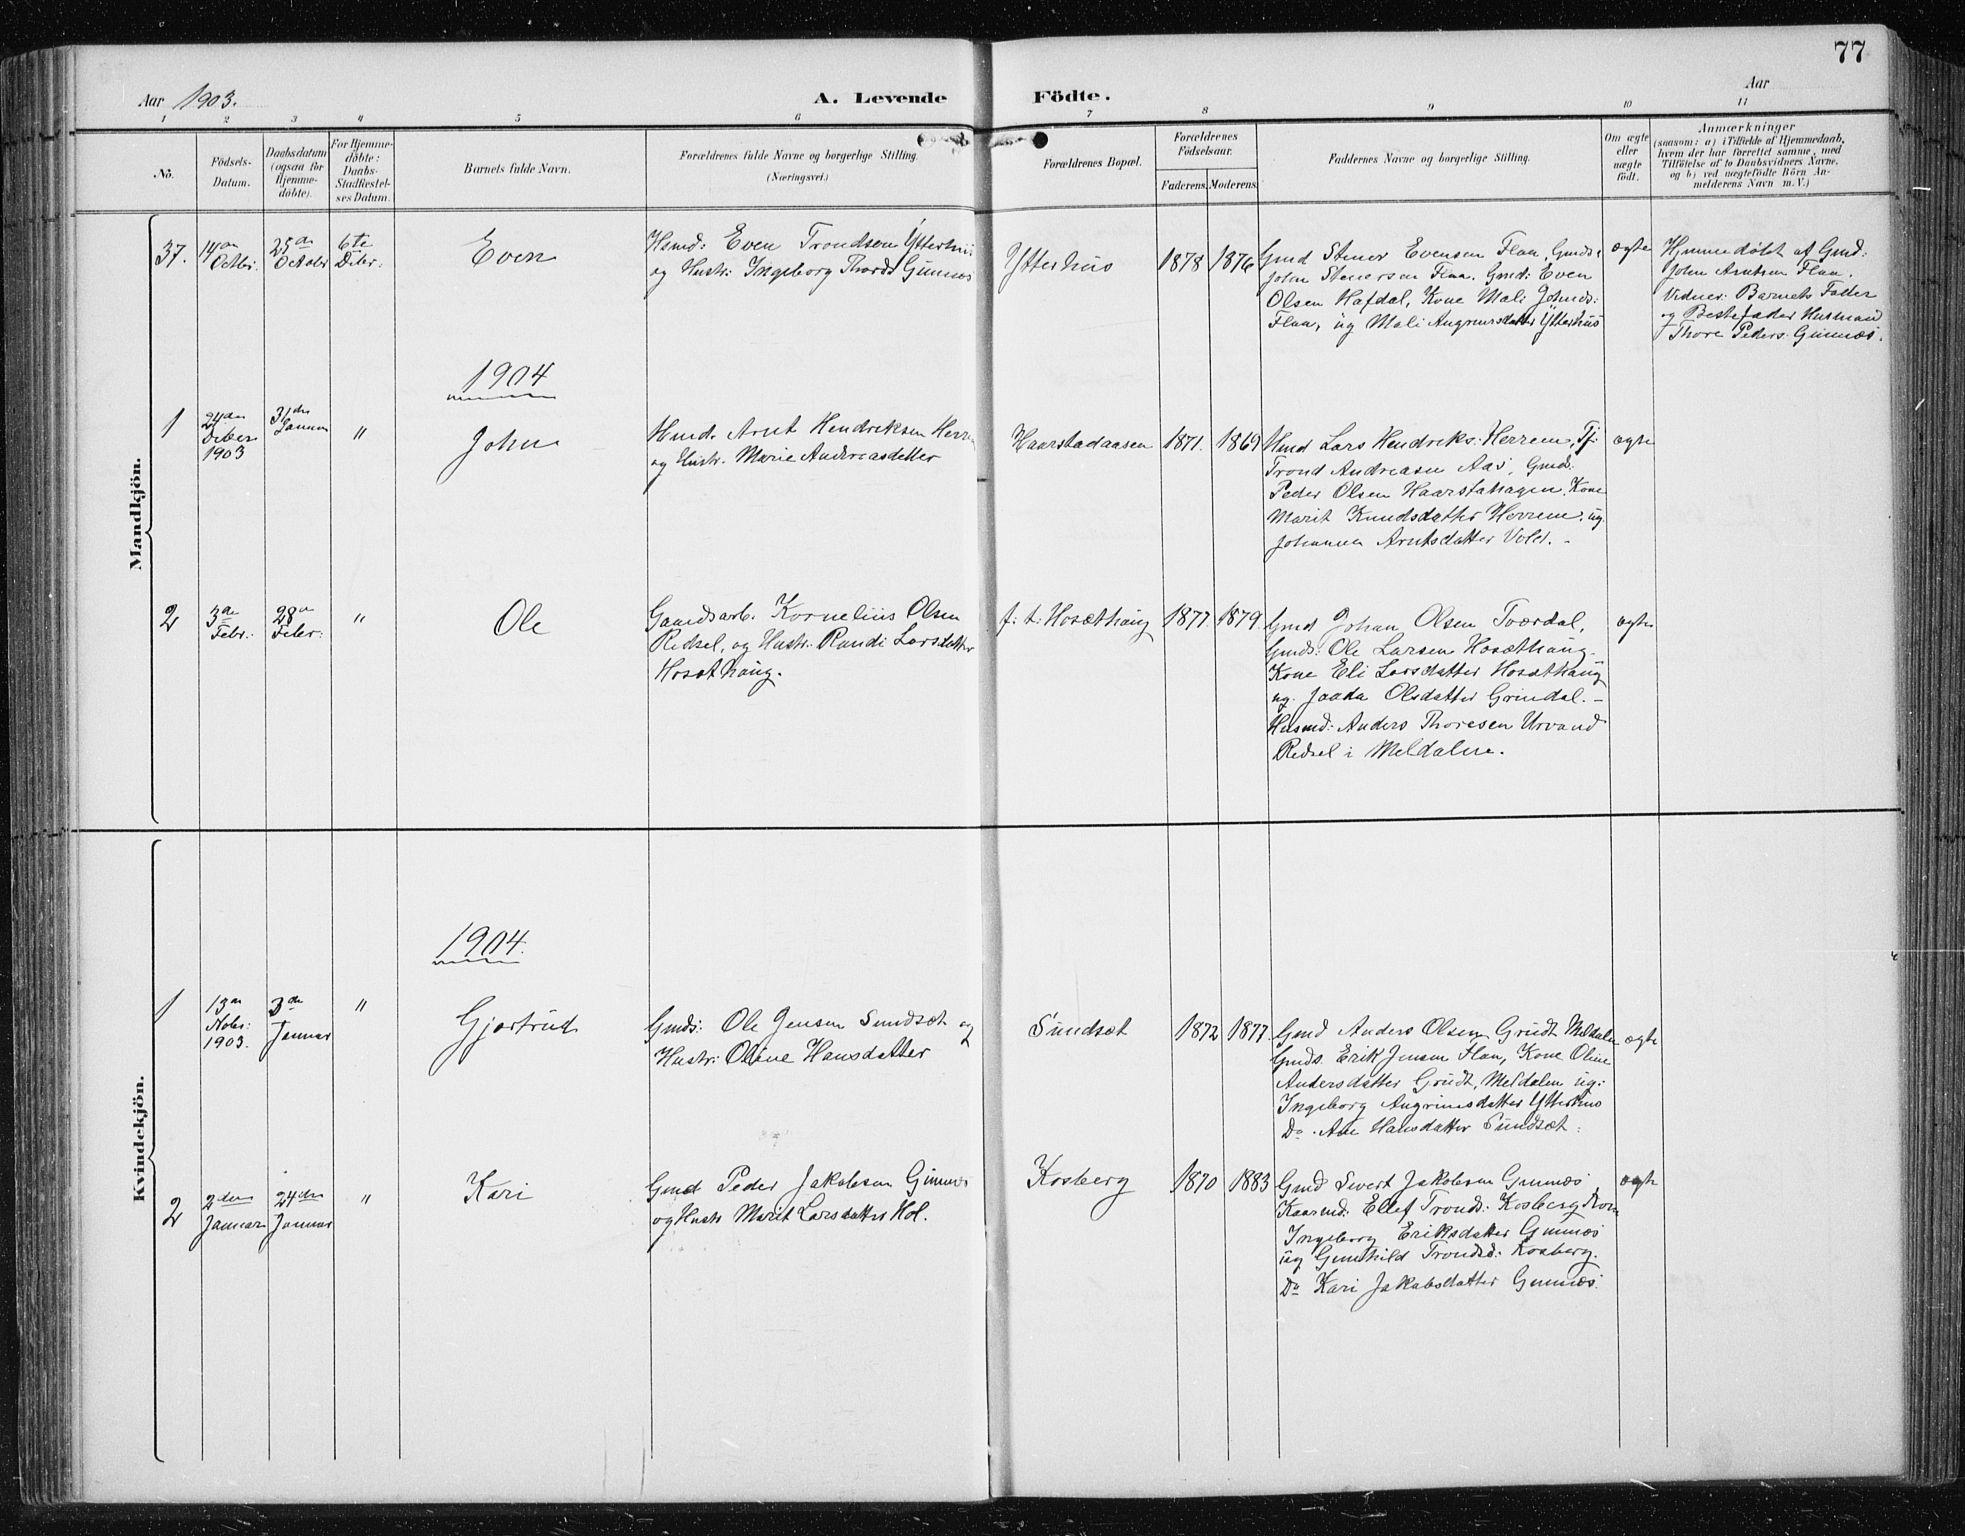 SAT, Ministerialprotokoller, klokkerbøker og fødselsregistre - Sør-Trøndelag, 674/L0876: Klokkerbok nr. 674C03, 1892-1912, s. 77